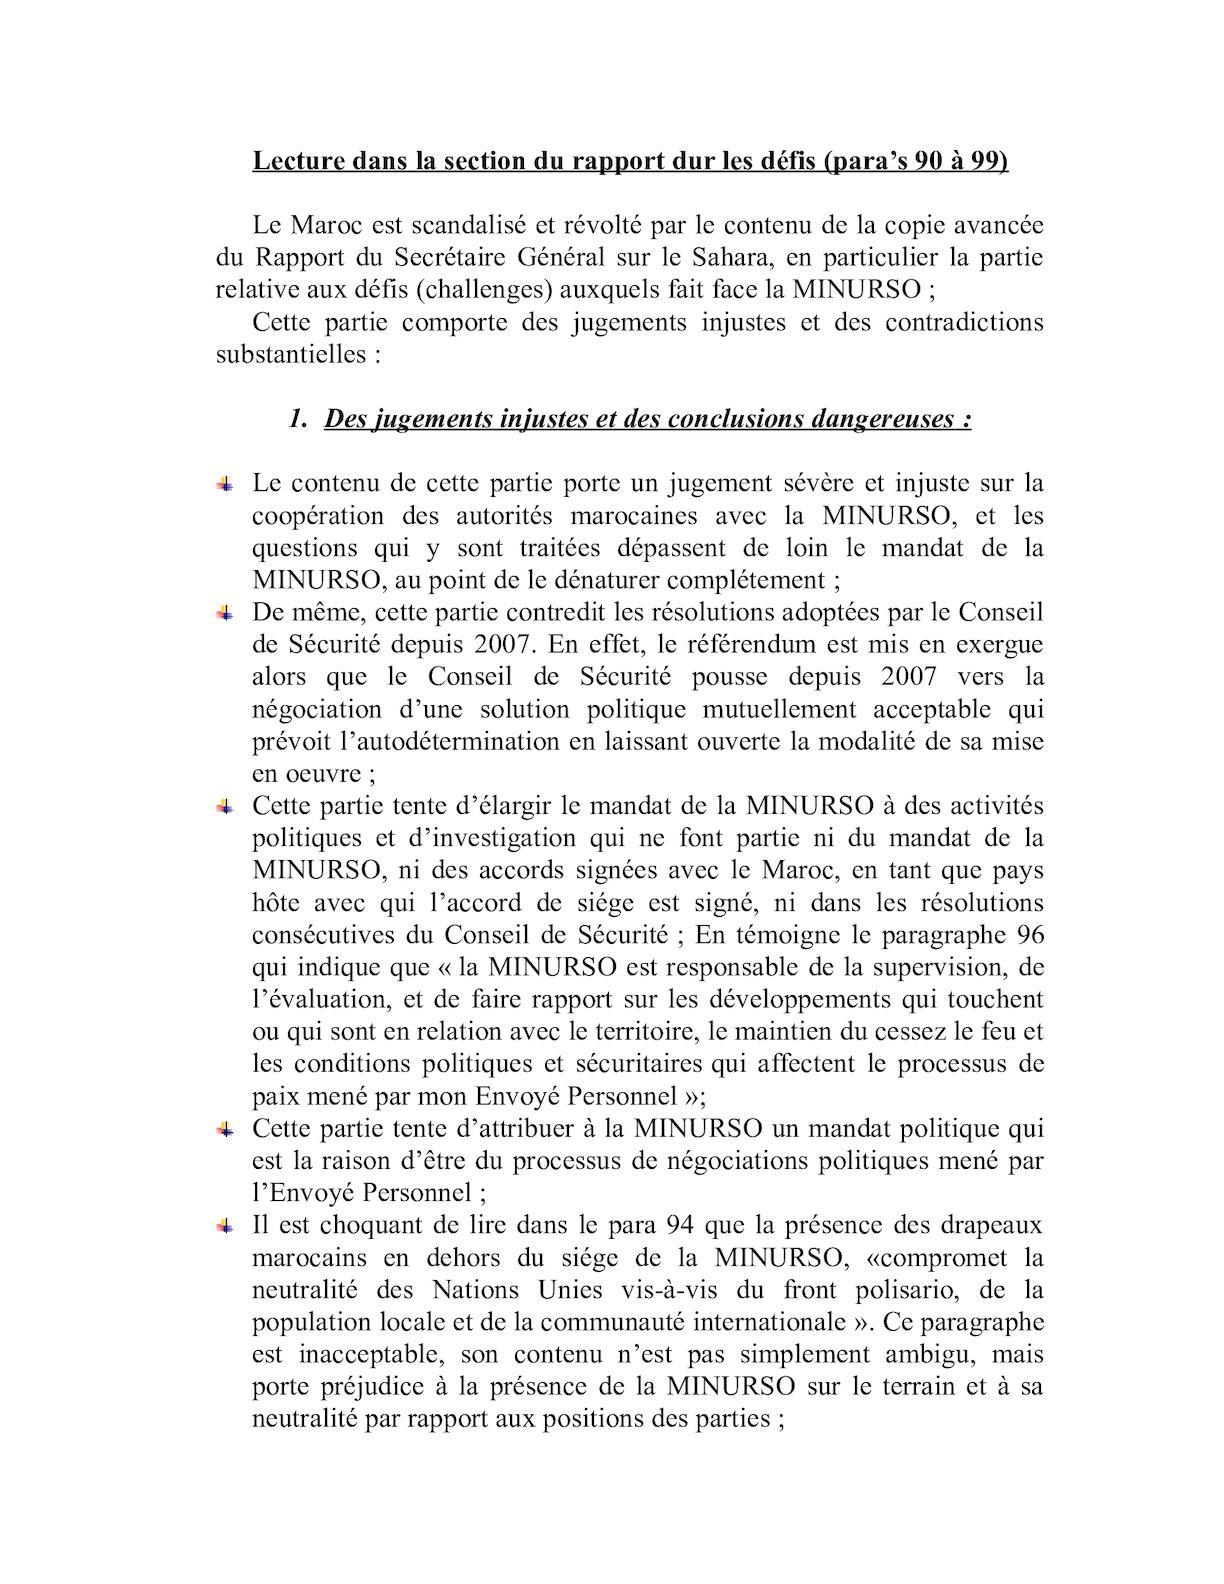 Eléments De Langage Entretien De Monsieur Le Ministre Avec M. Ban